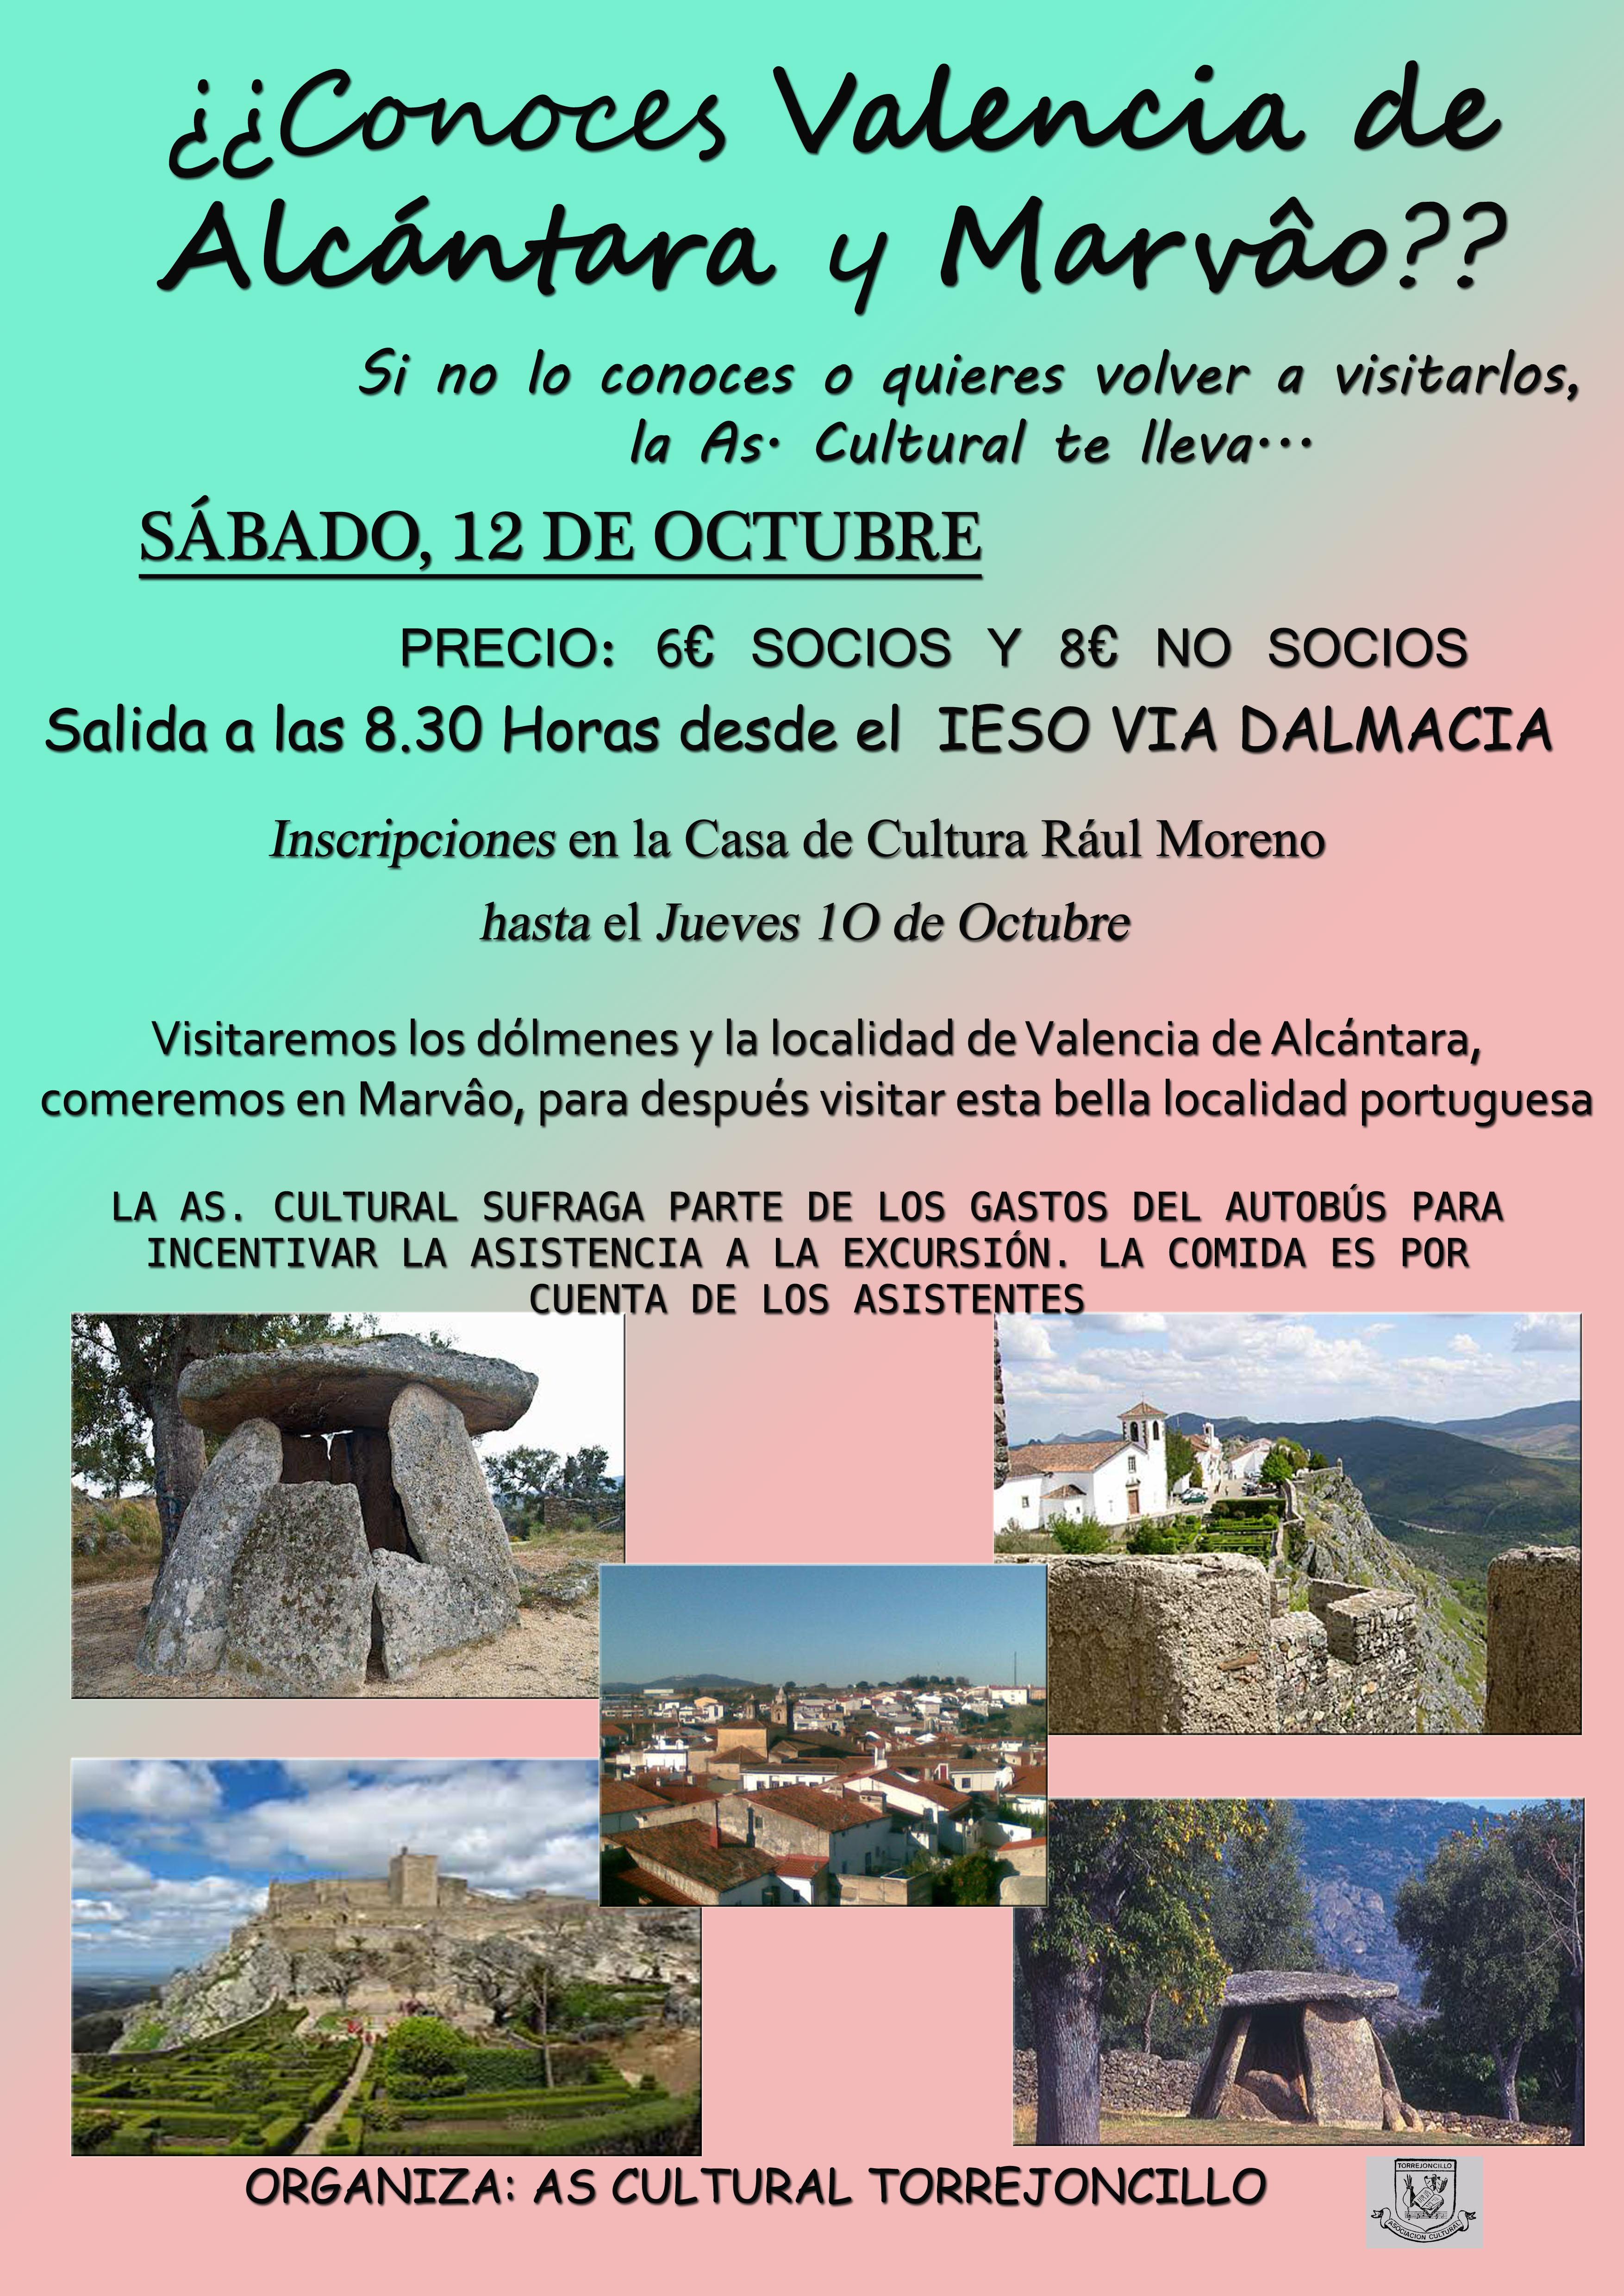 Excursión a Valencia de Alcántara y Marvâo de la Asociación Cultural de Torrejoncillo